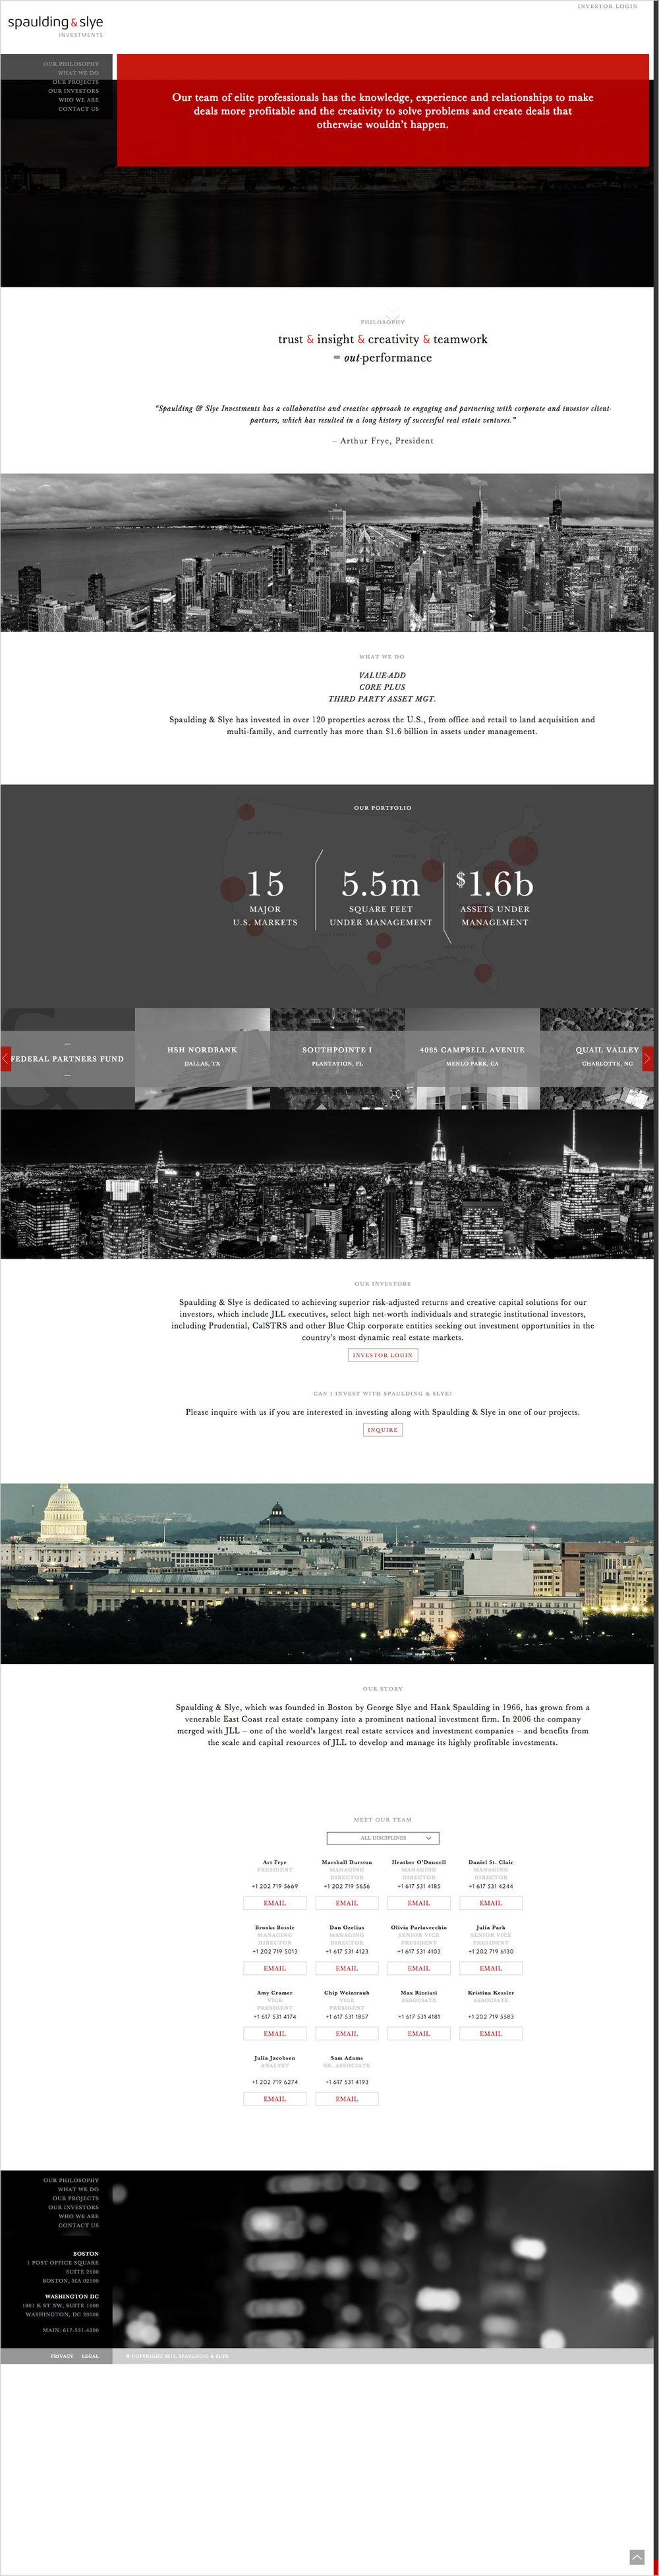 Spaulding & Slye Website Full